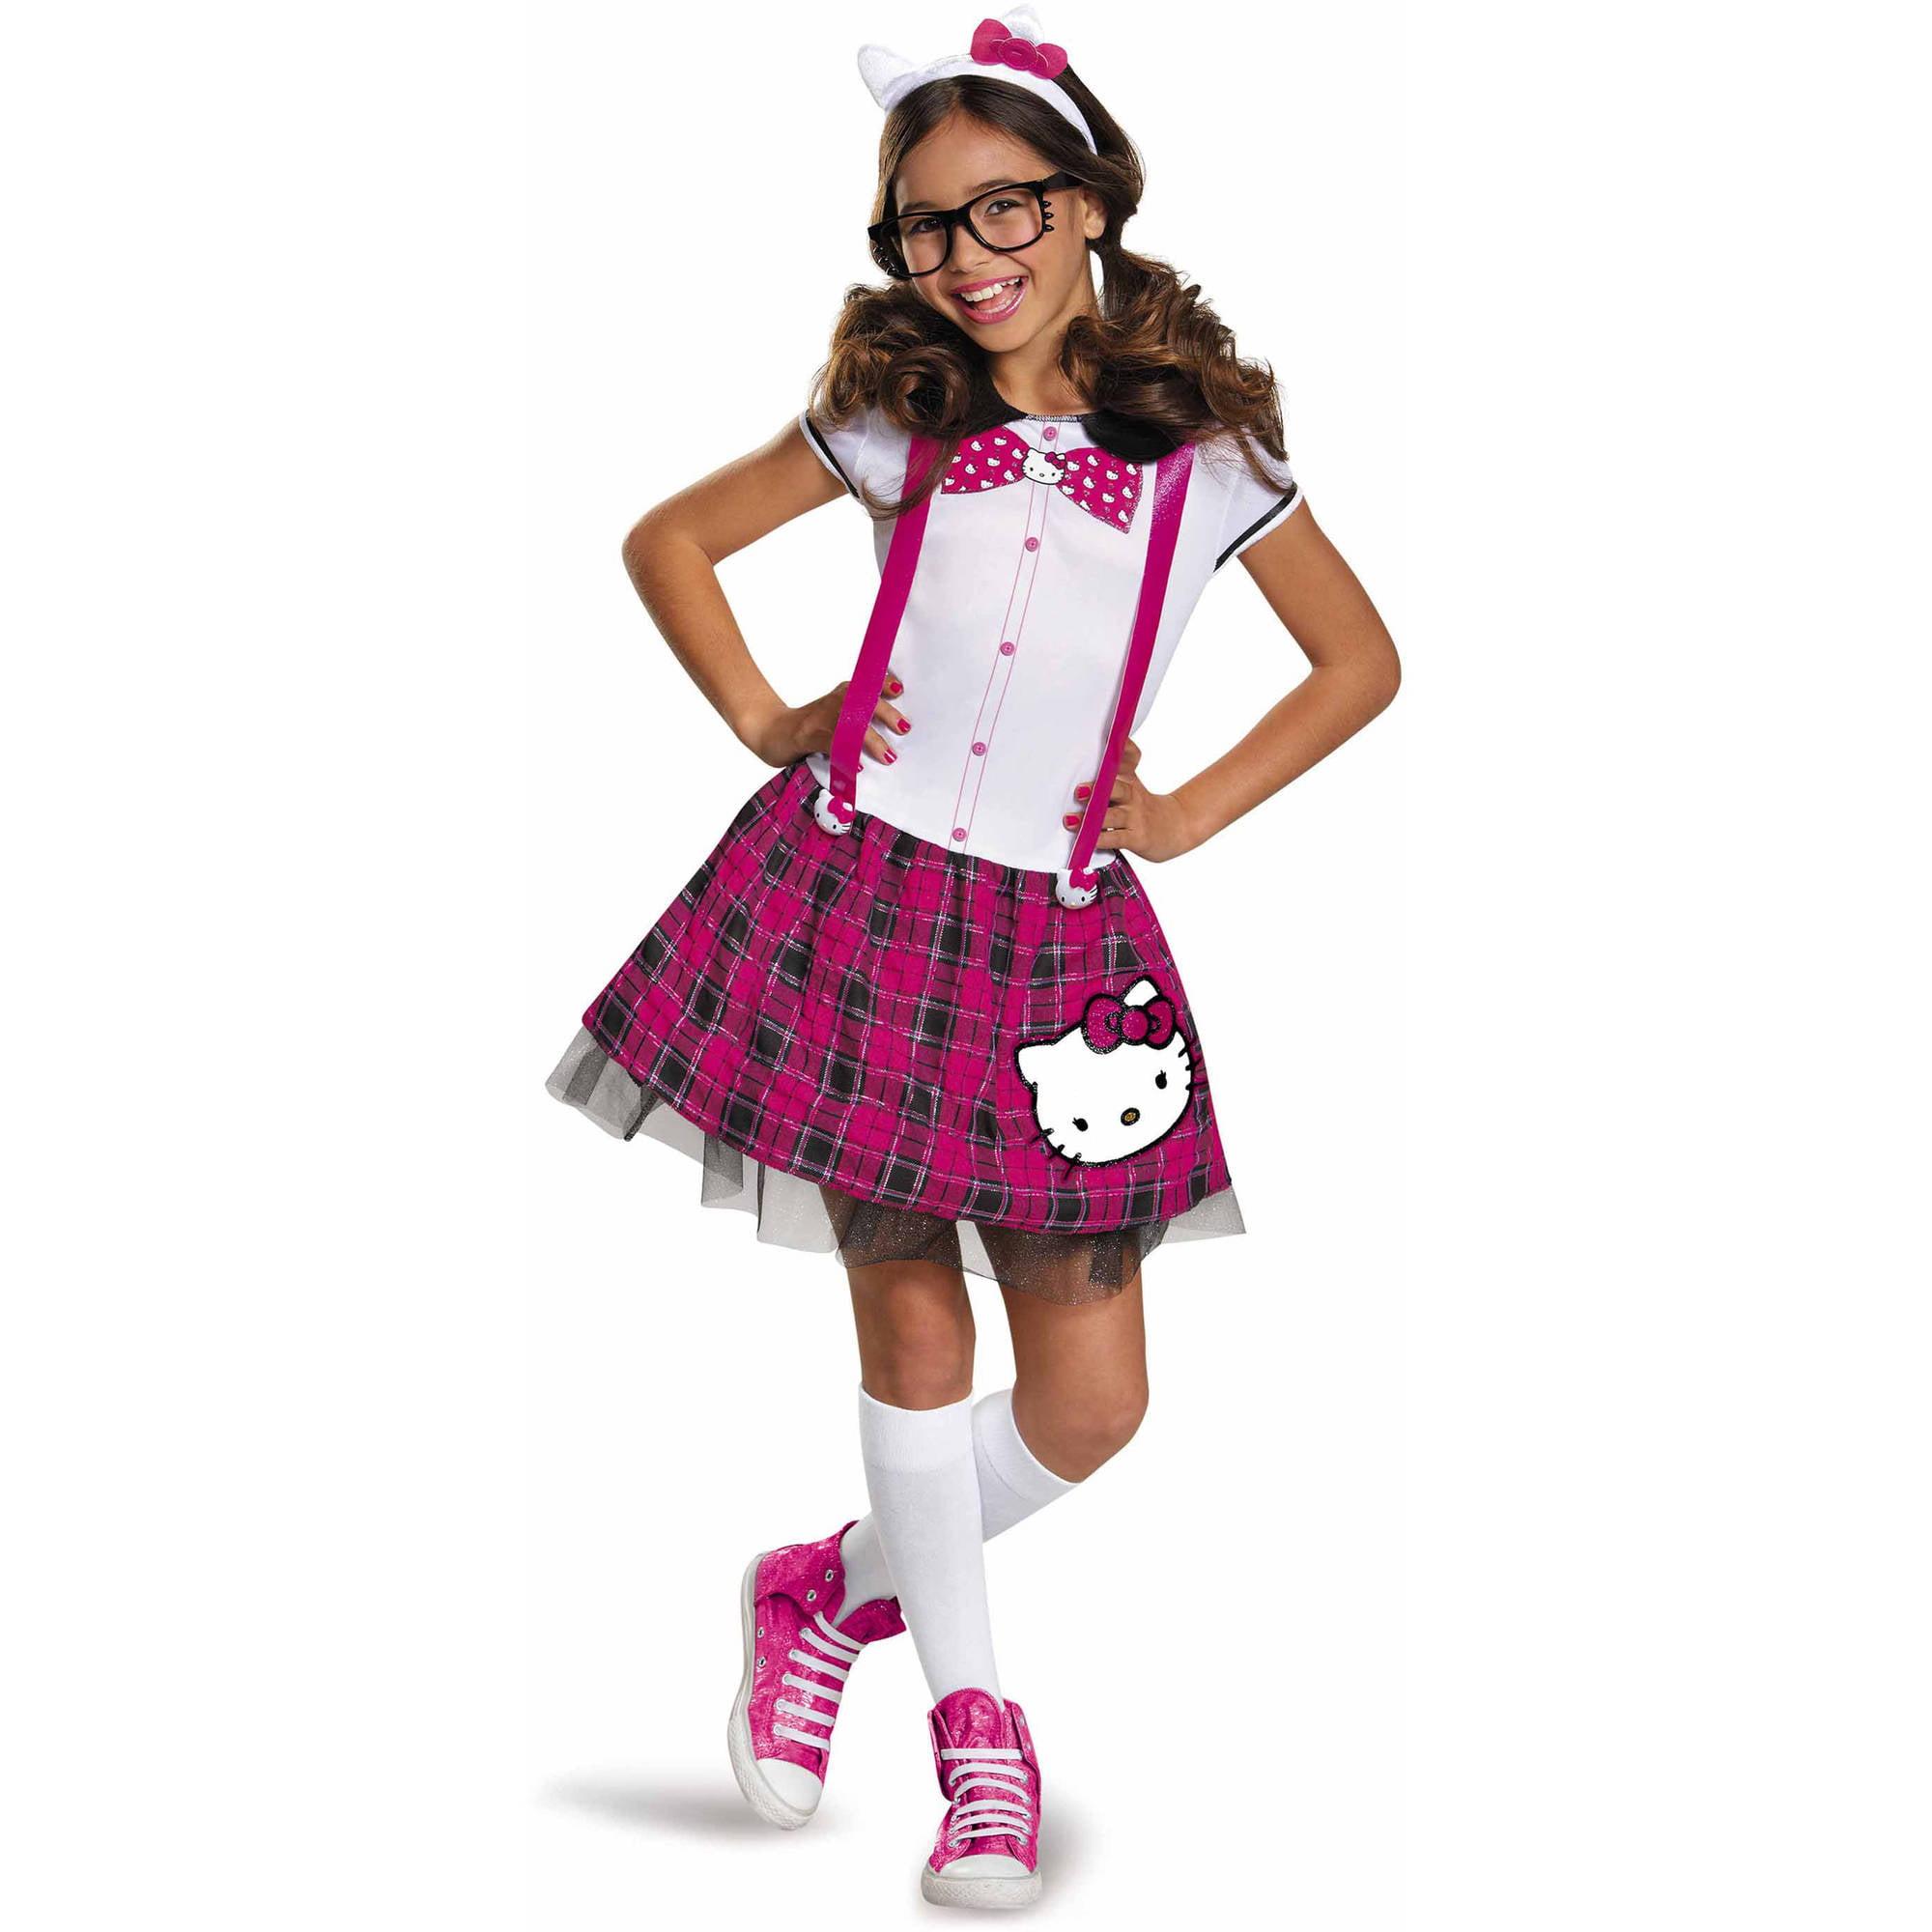 hello kitty tween nerd dress up halloween costume walmartcom - Halloween Hello Kitty Costume